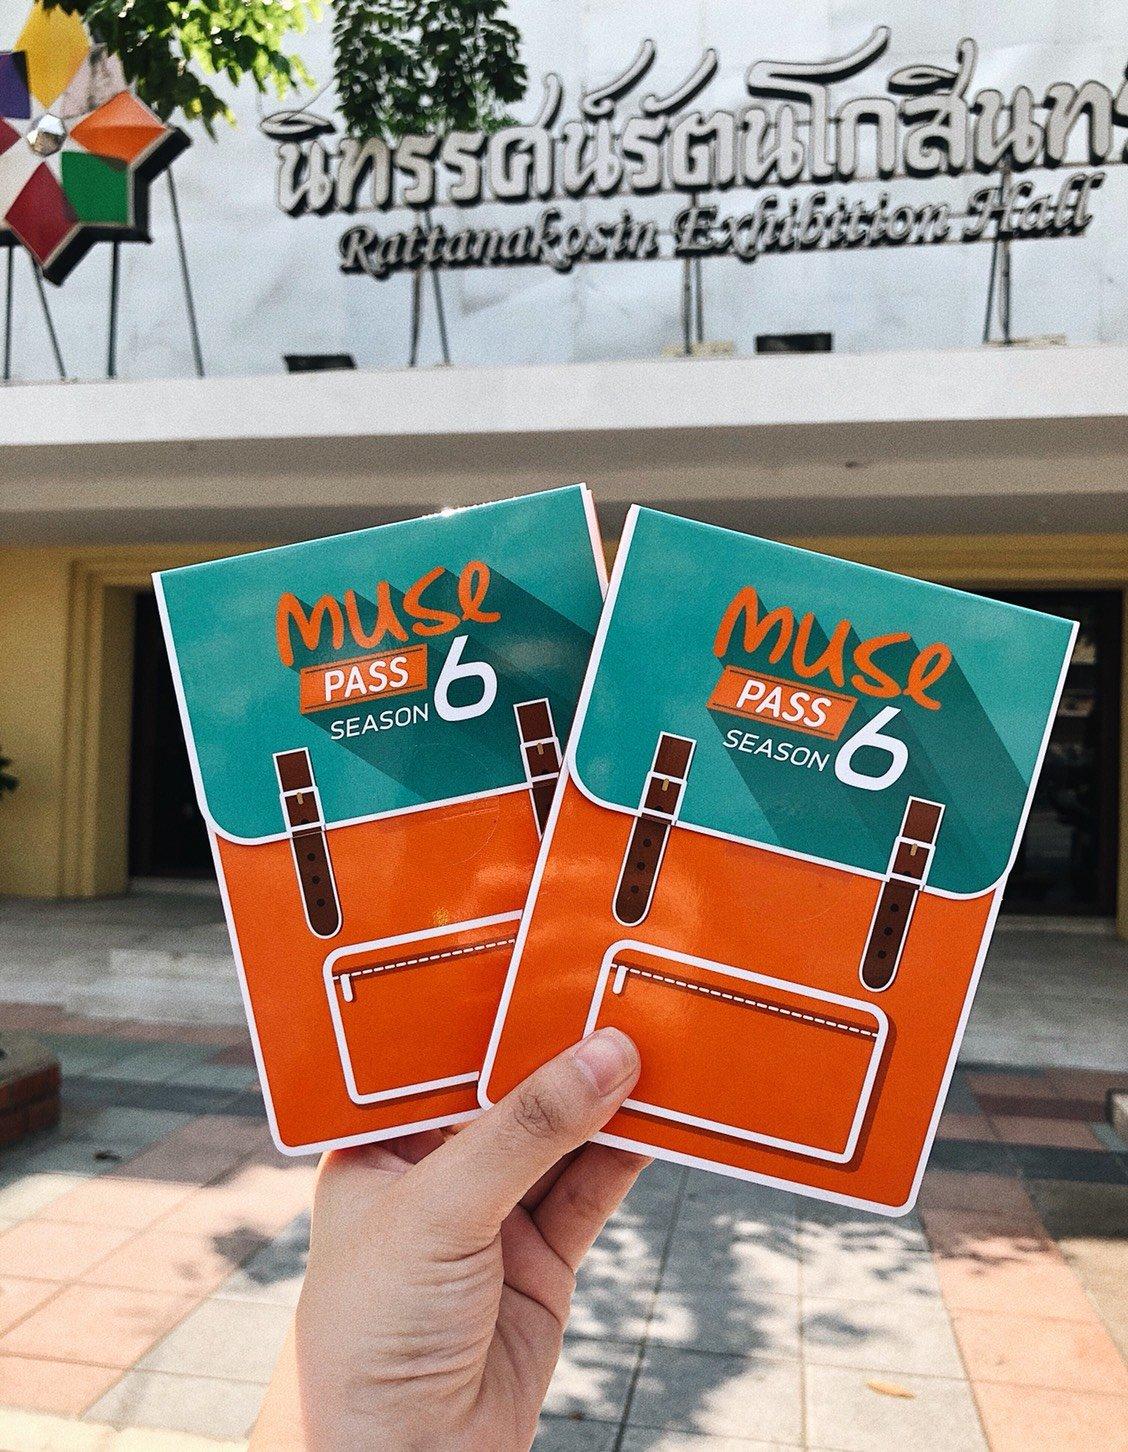 นิทรรศน์รัตนโกสินทร์หนึ่งในแหล่งเรียนรู้ที่ร่วมโครงการ กับ Muse Pass 2 -